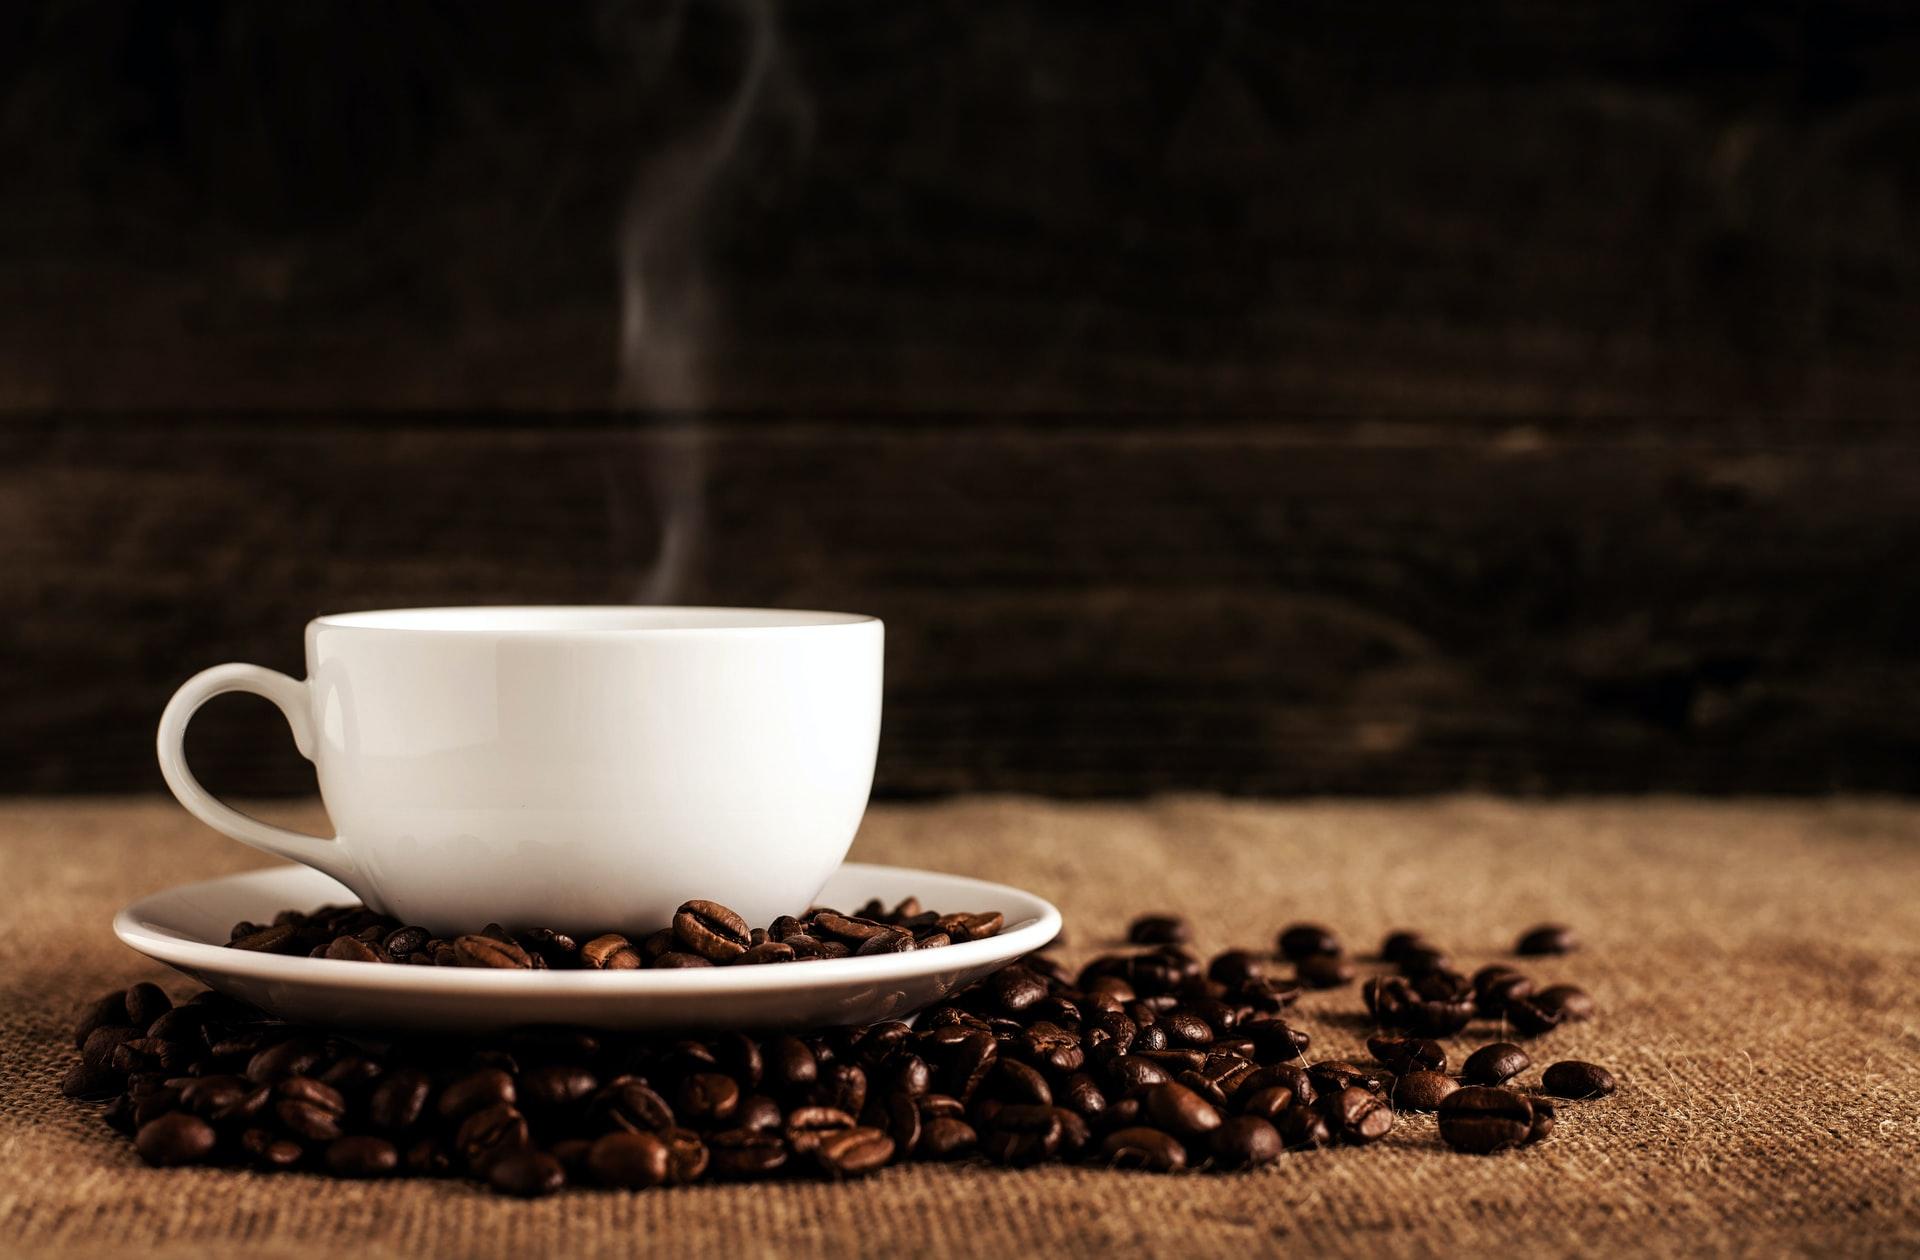 つまり朝のコーヒーを飲むなら「起床1時間後がベター!」